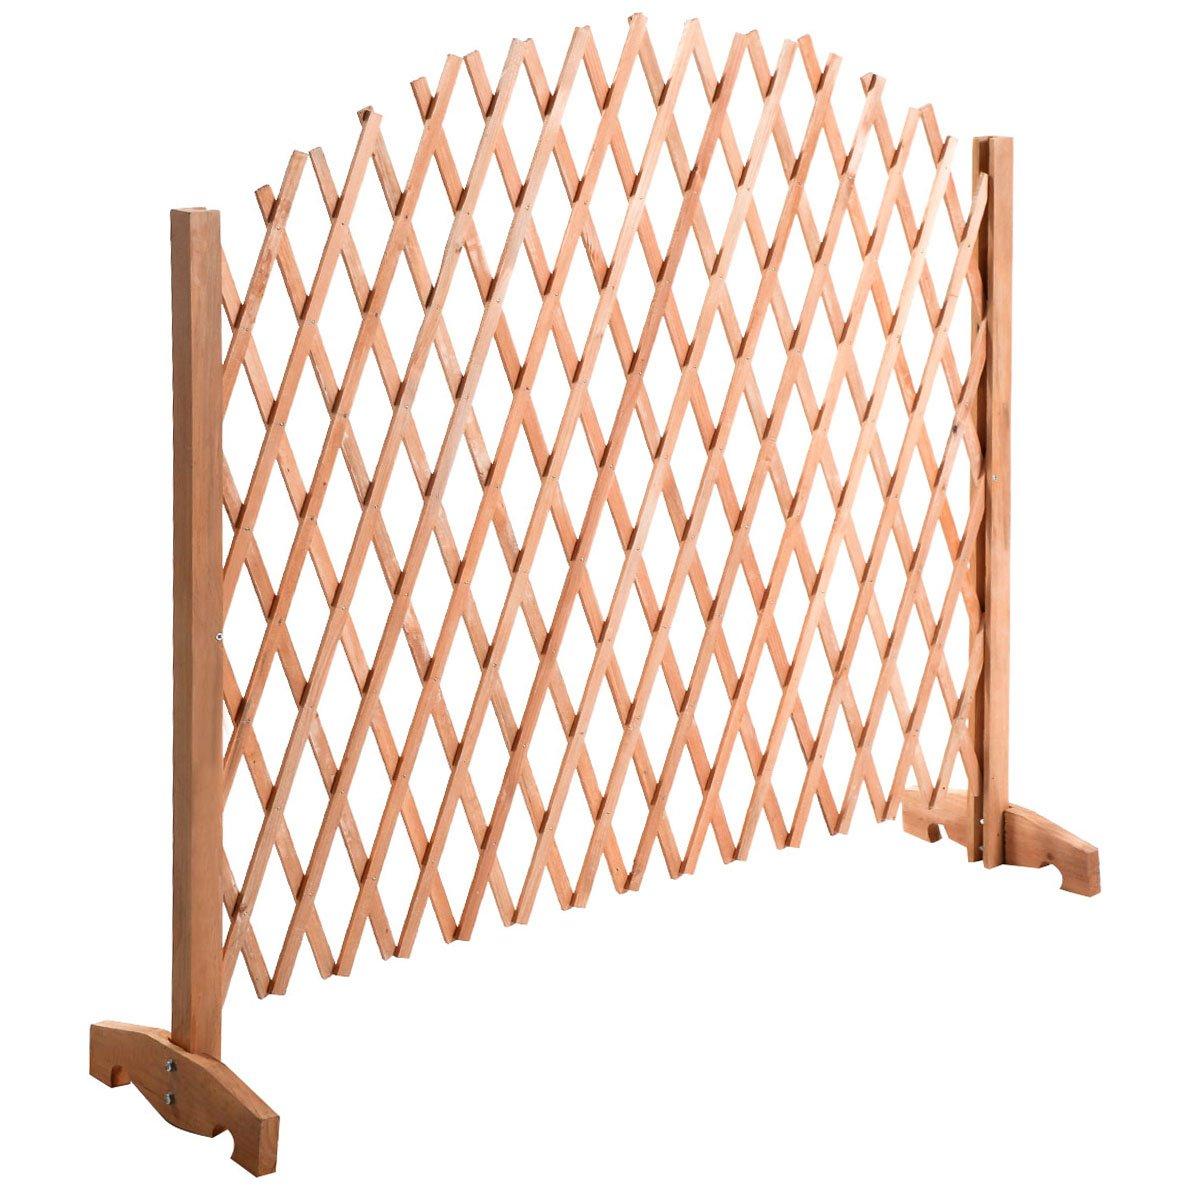 Barriere extensible en bois pour plantes et fleurs grille clôture de jardin Blitzzauber24